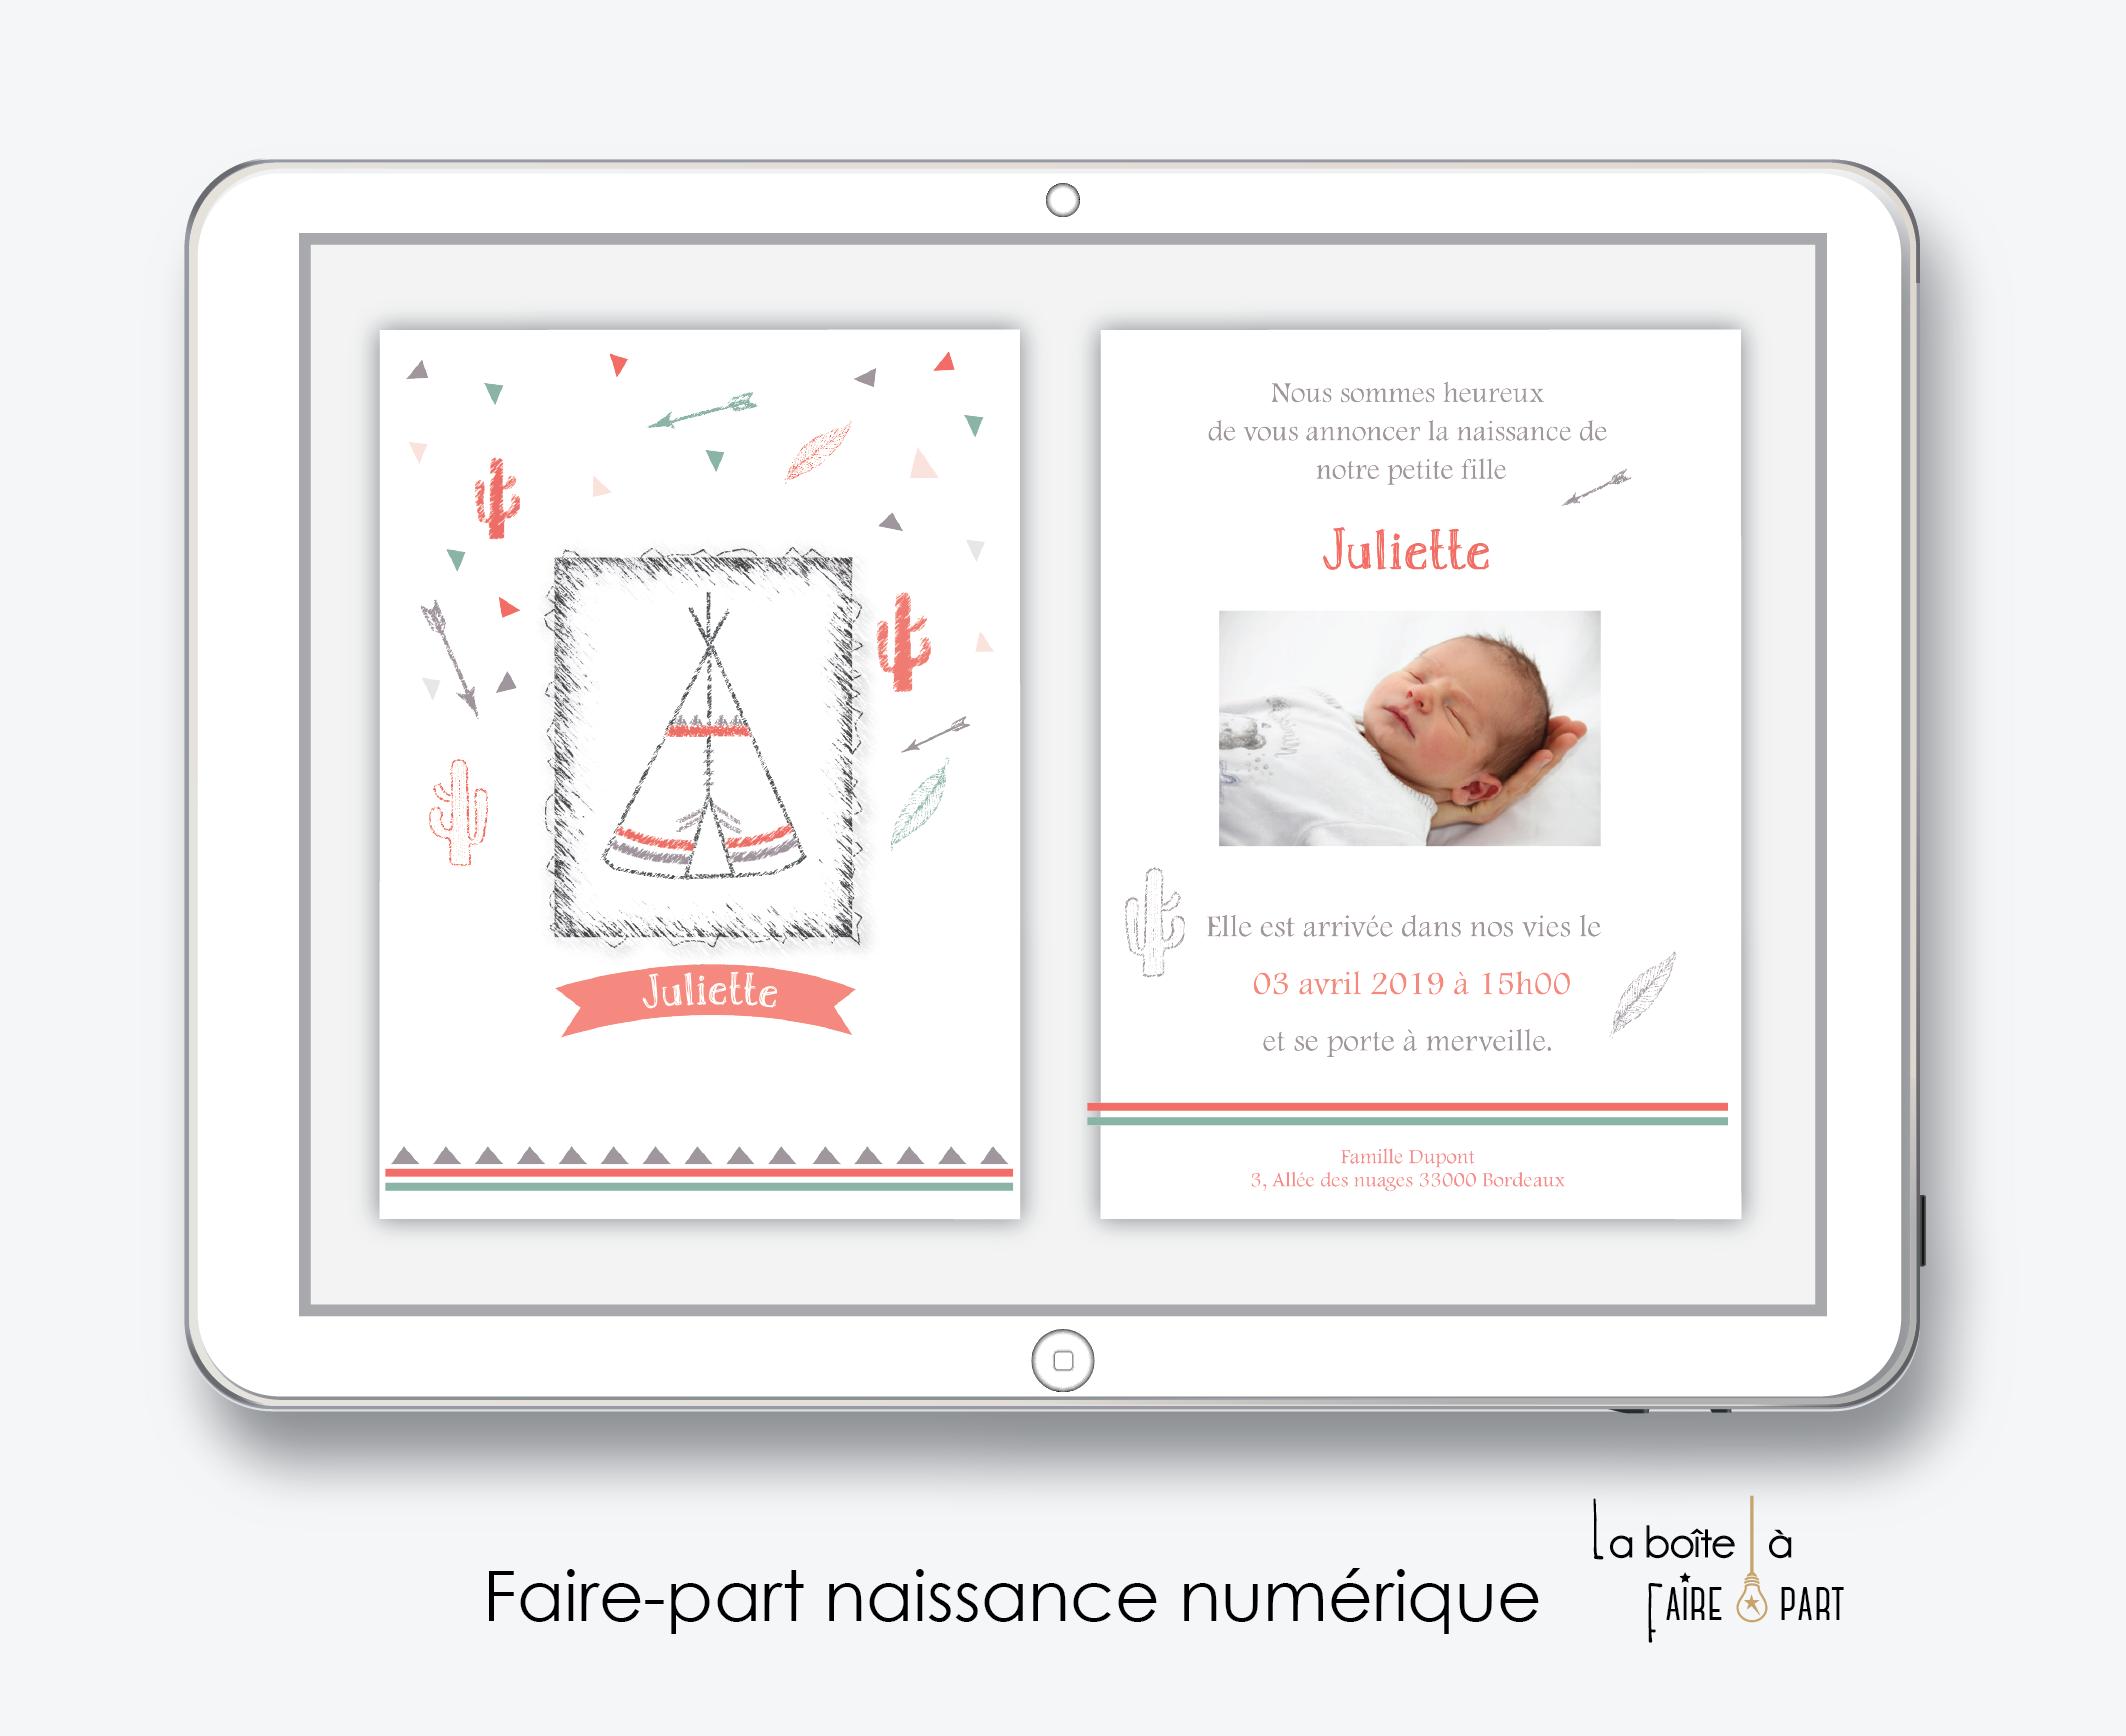 faire-part naissance fille numérique-faire-part naissance fille électronique-fichier pdf - tipi indien -à imprimer soi même-à envoyer par mail -à envoyer parmms-sms-réseaux sociaux